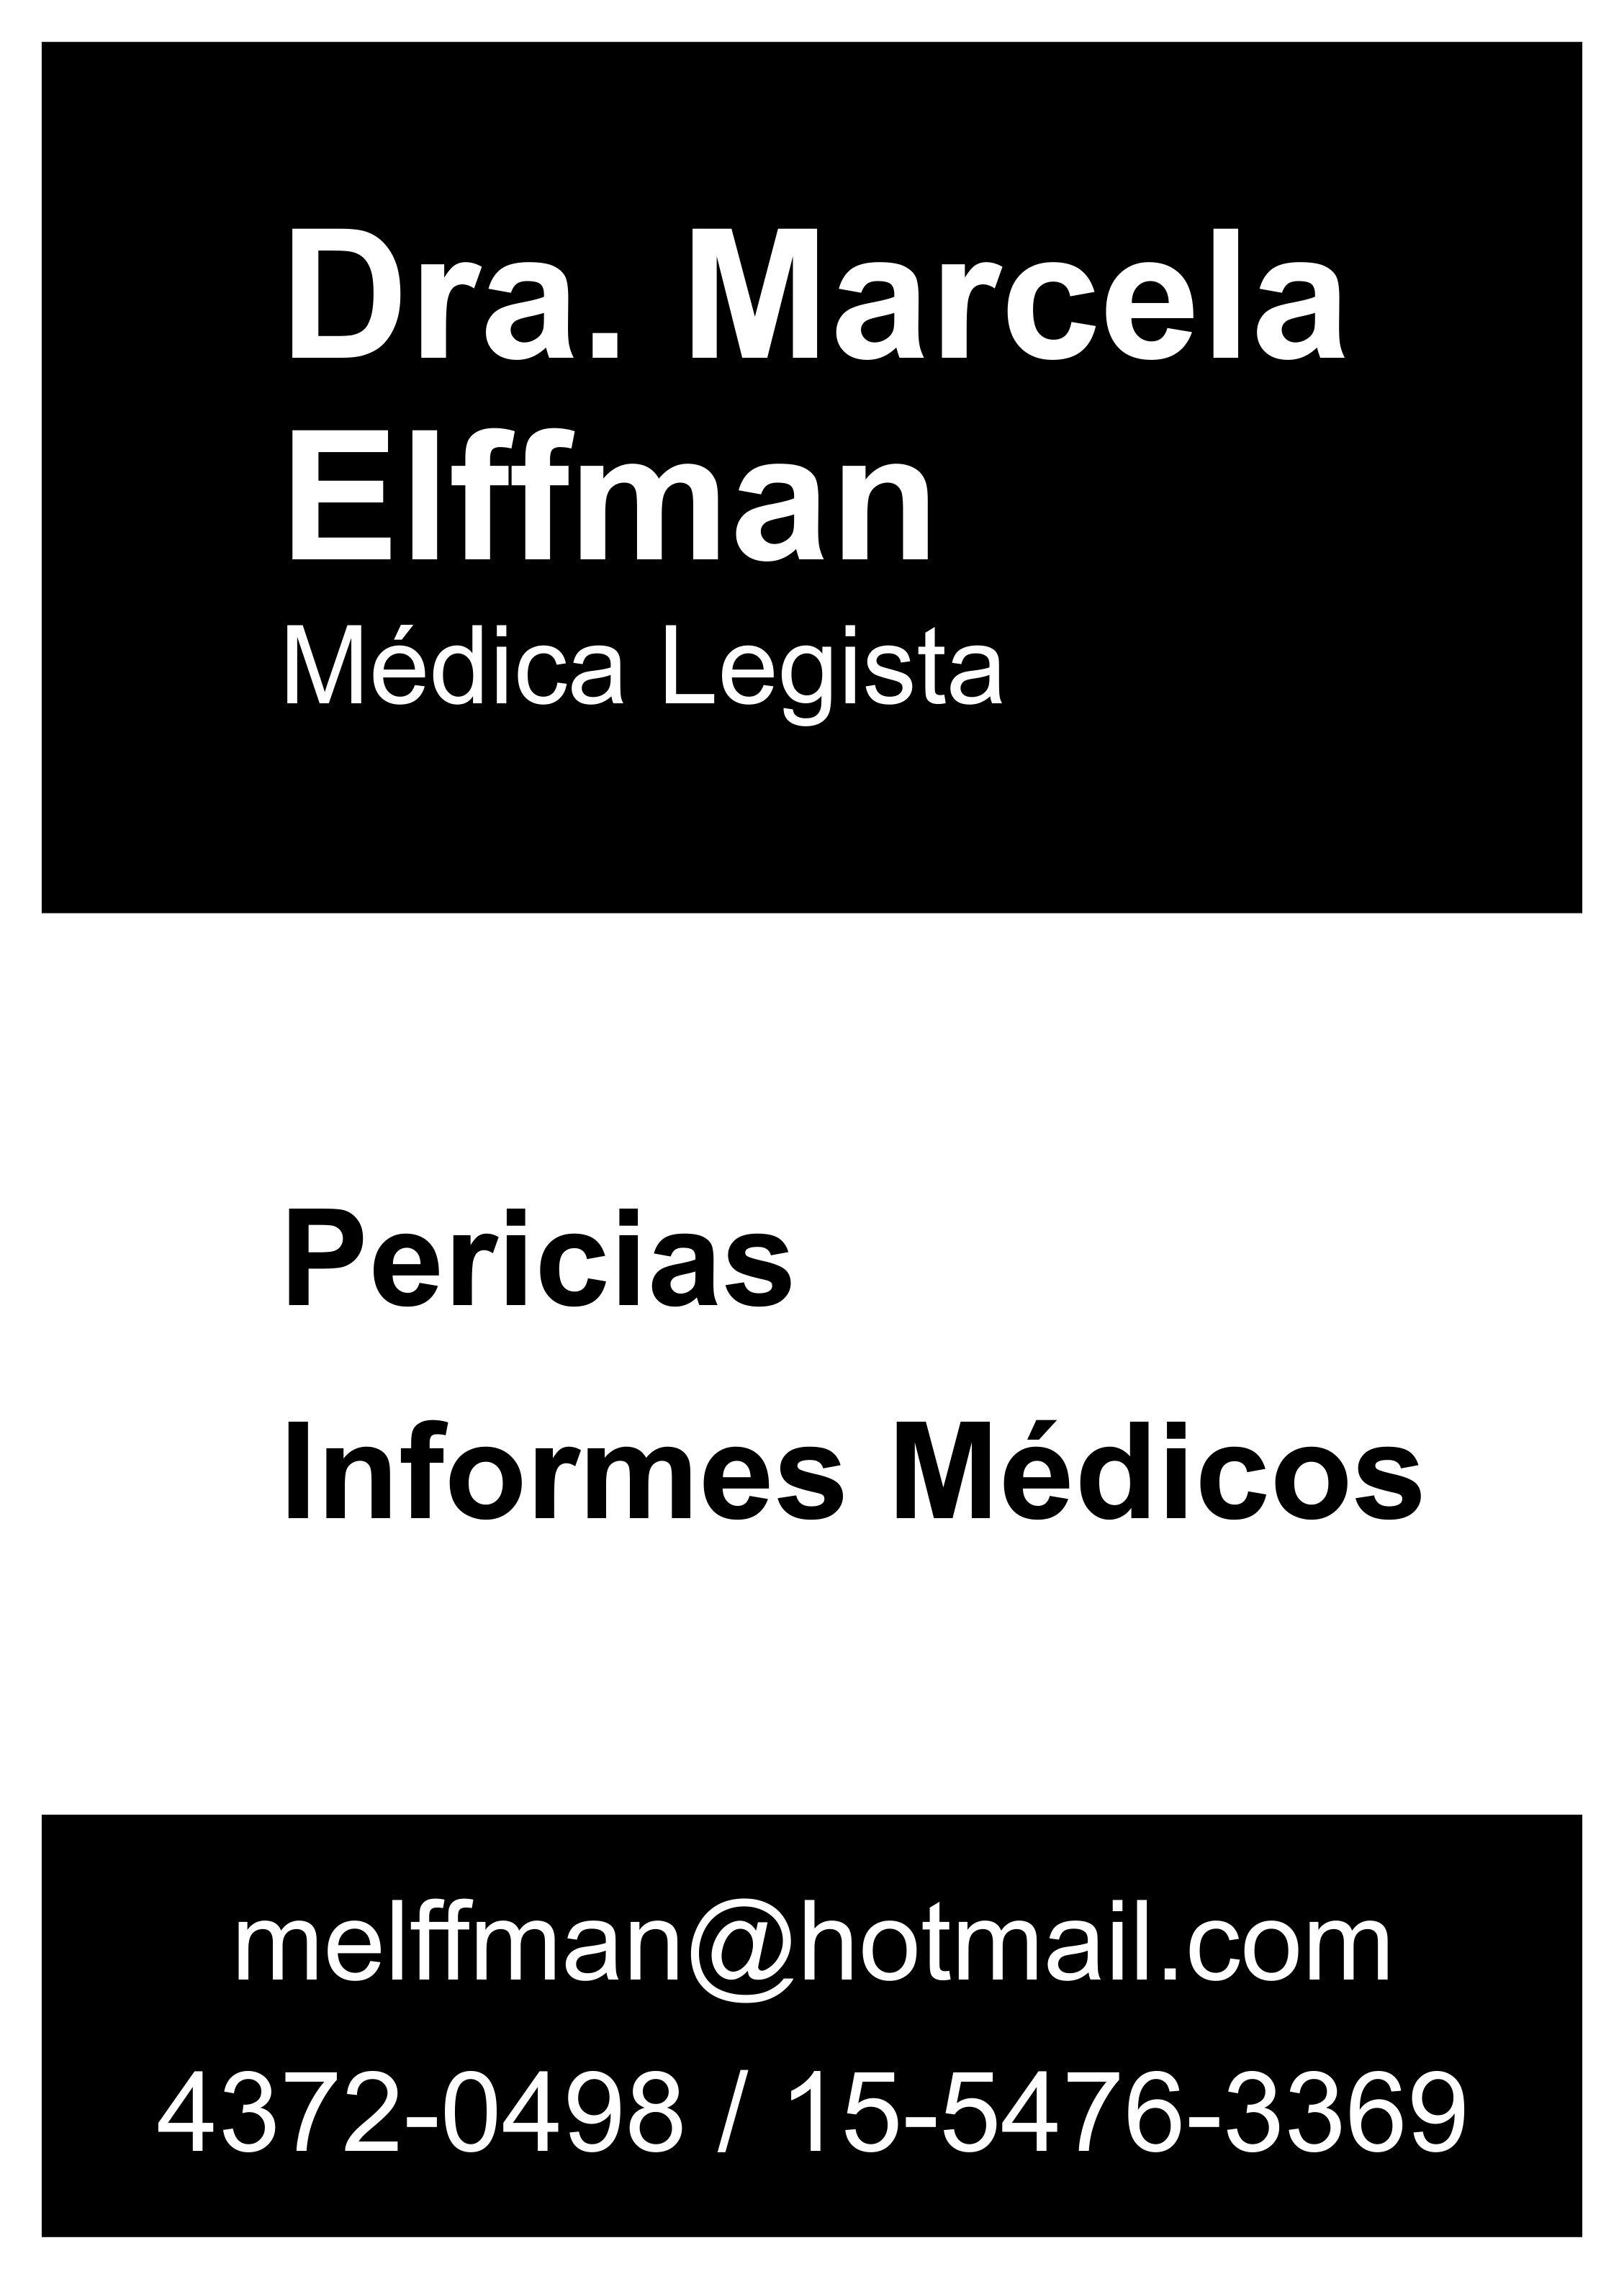 Marcela Elffman